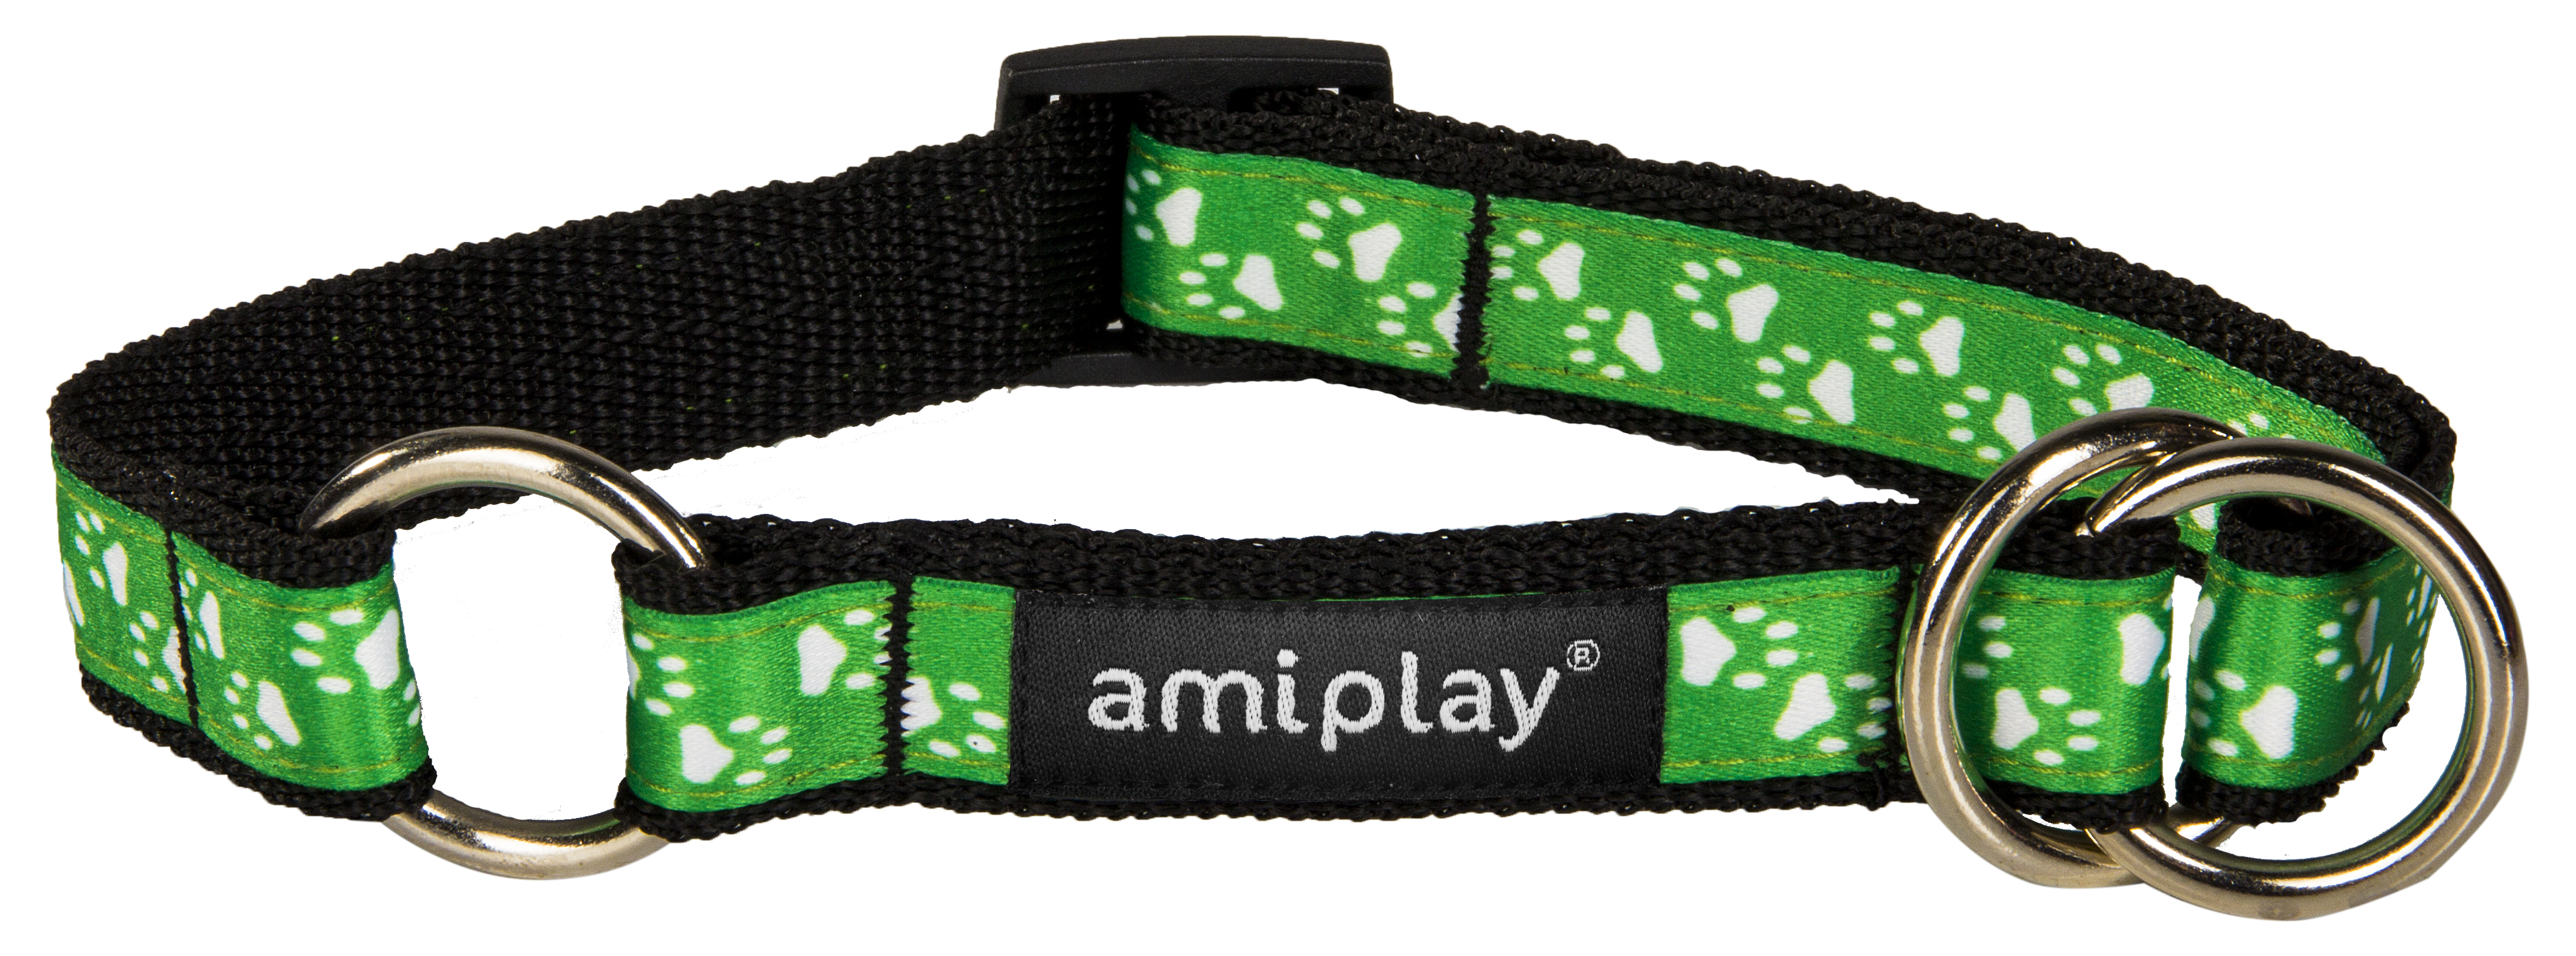 Obojek pro psa polostahovací nylonový - zelený se vzorem tlapka - 2,5 x 34 - 55 cm